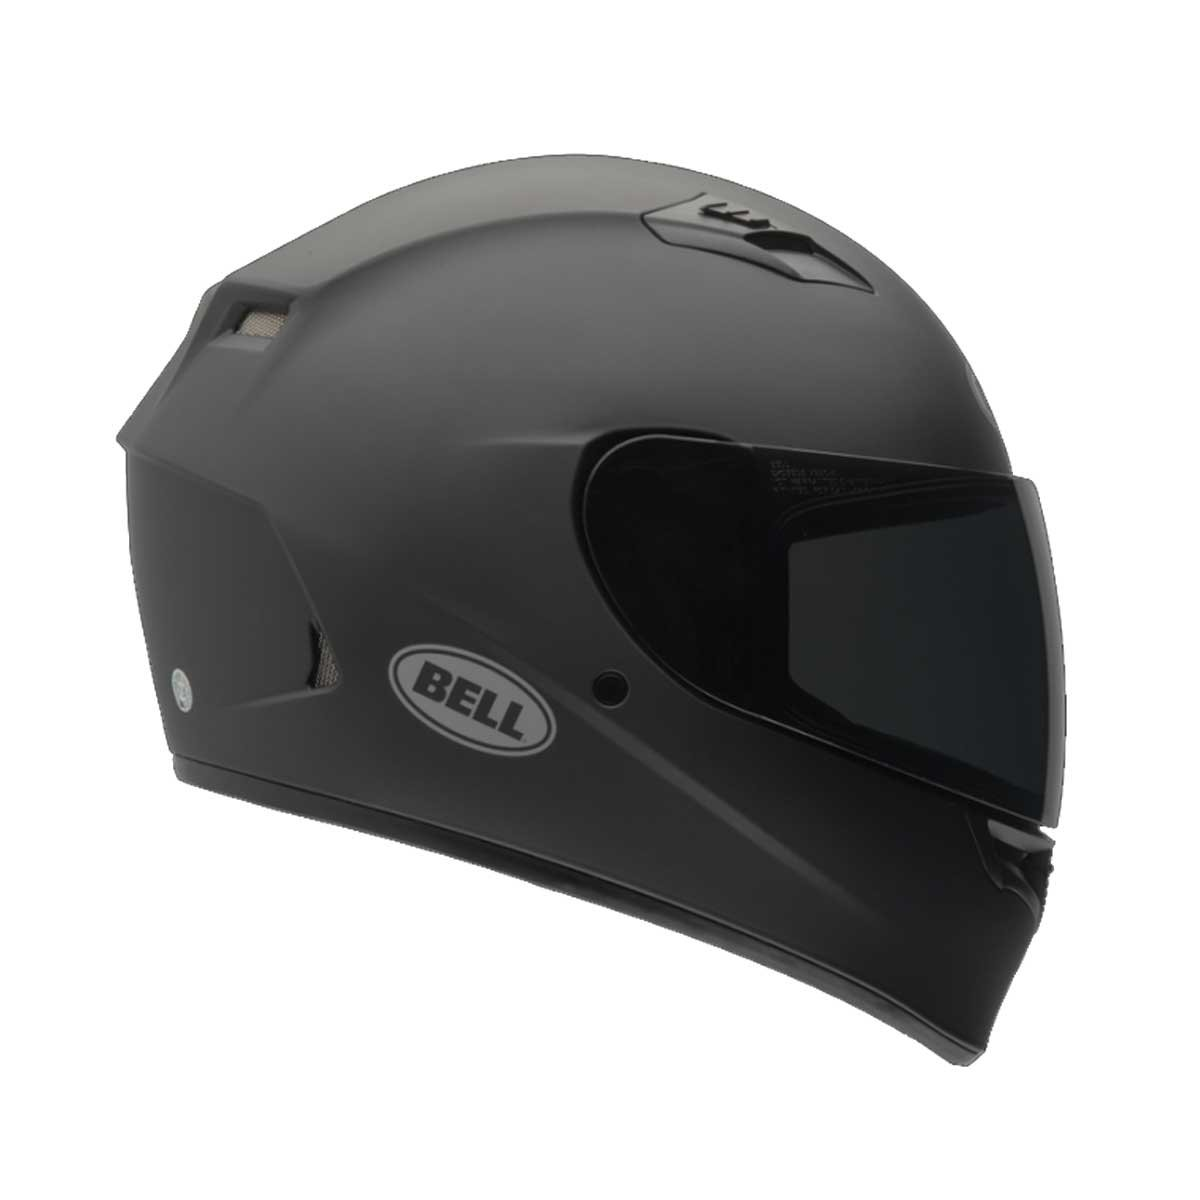 Bell Solid Adult Qualifier Street Bike Racing Motorcycle Helmet